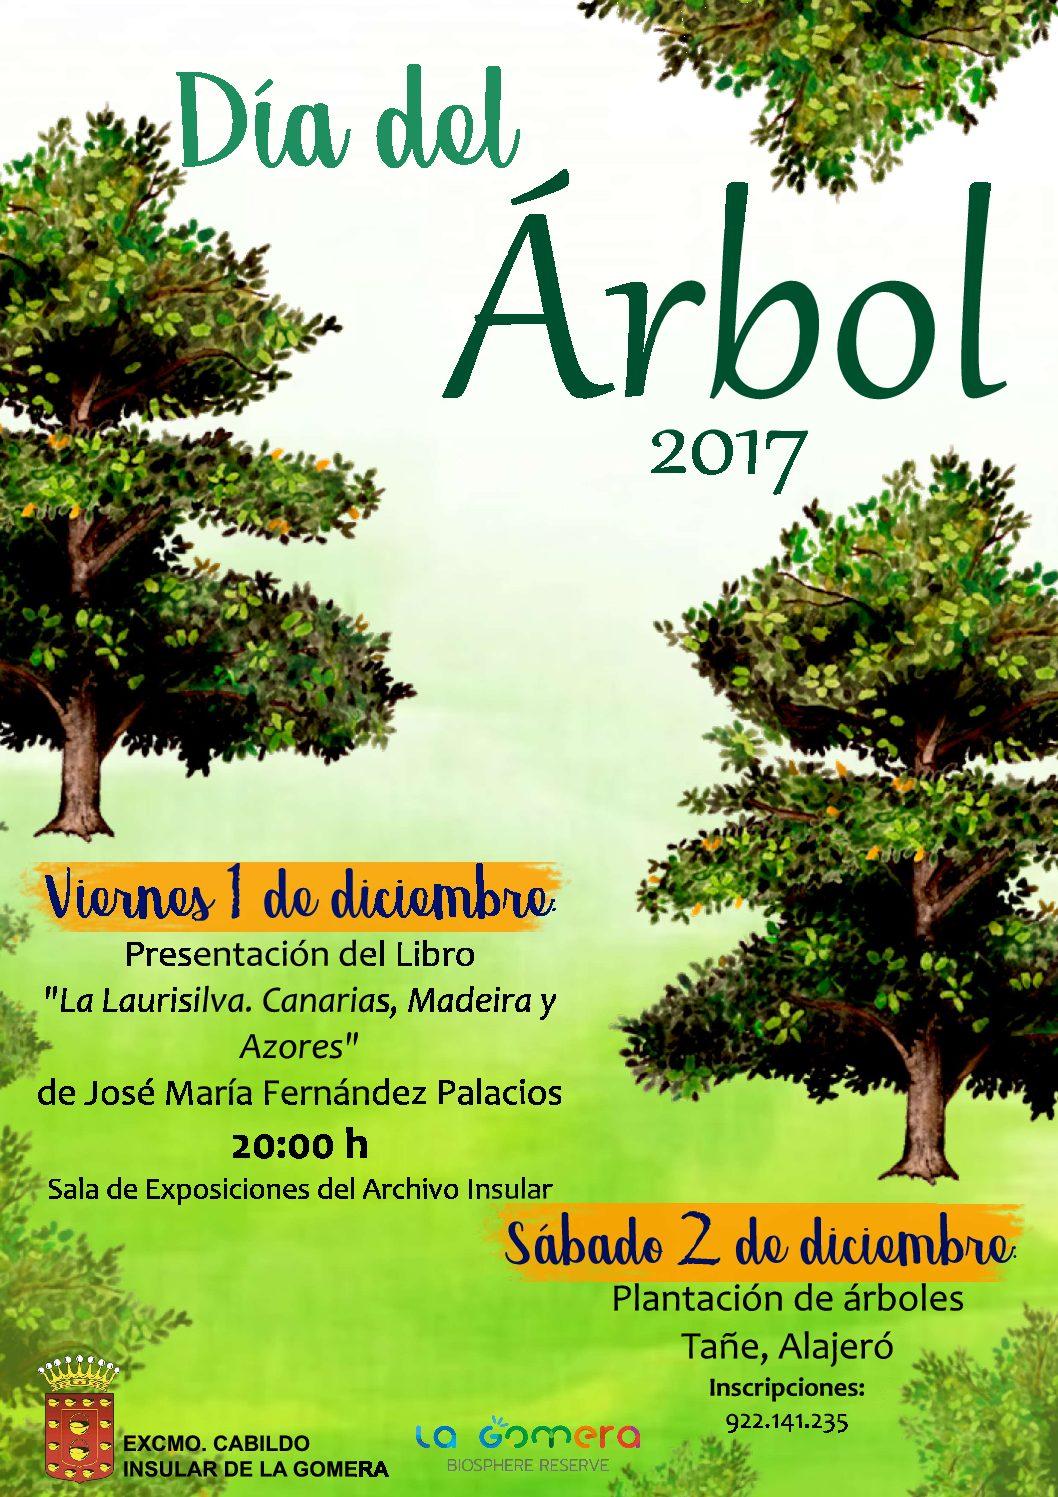 01/12/17 – Actividades del Día del Árbol / Activities for the Tree Day